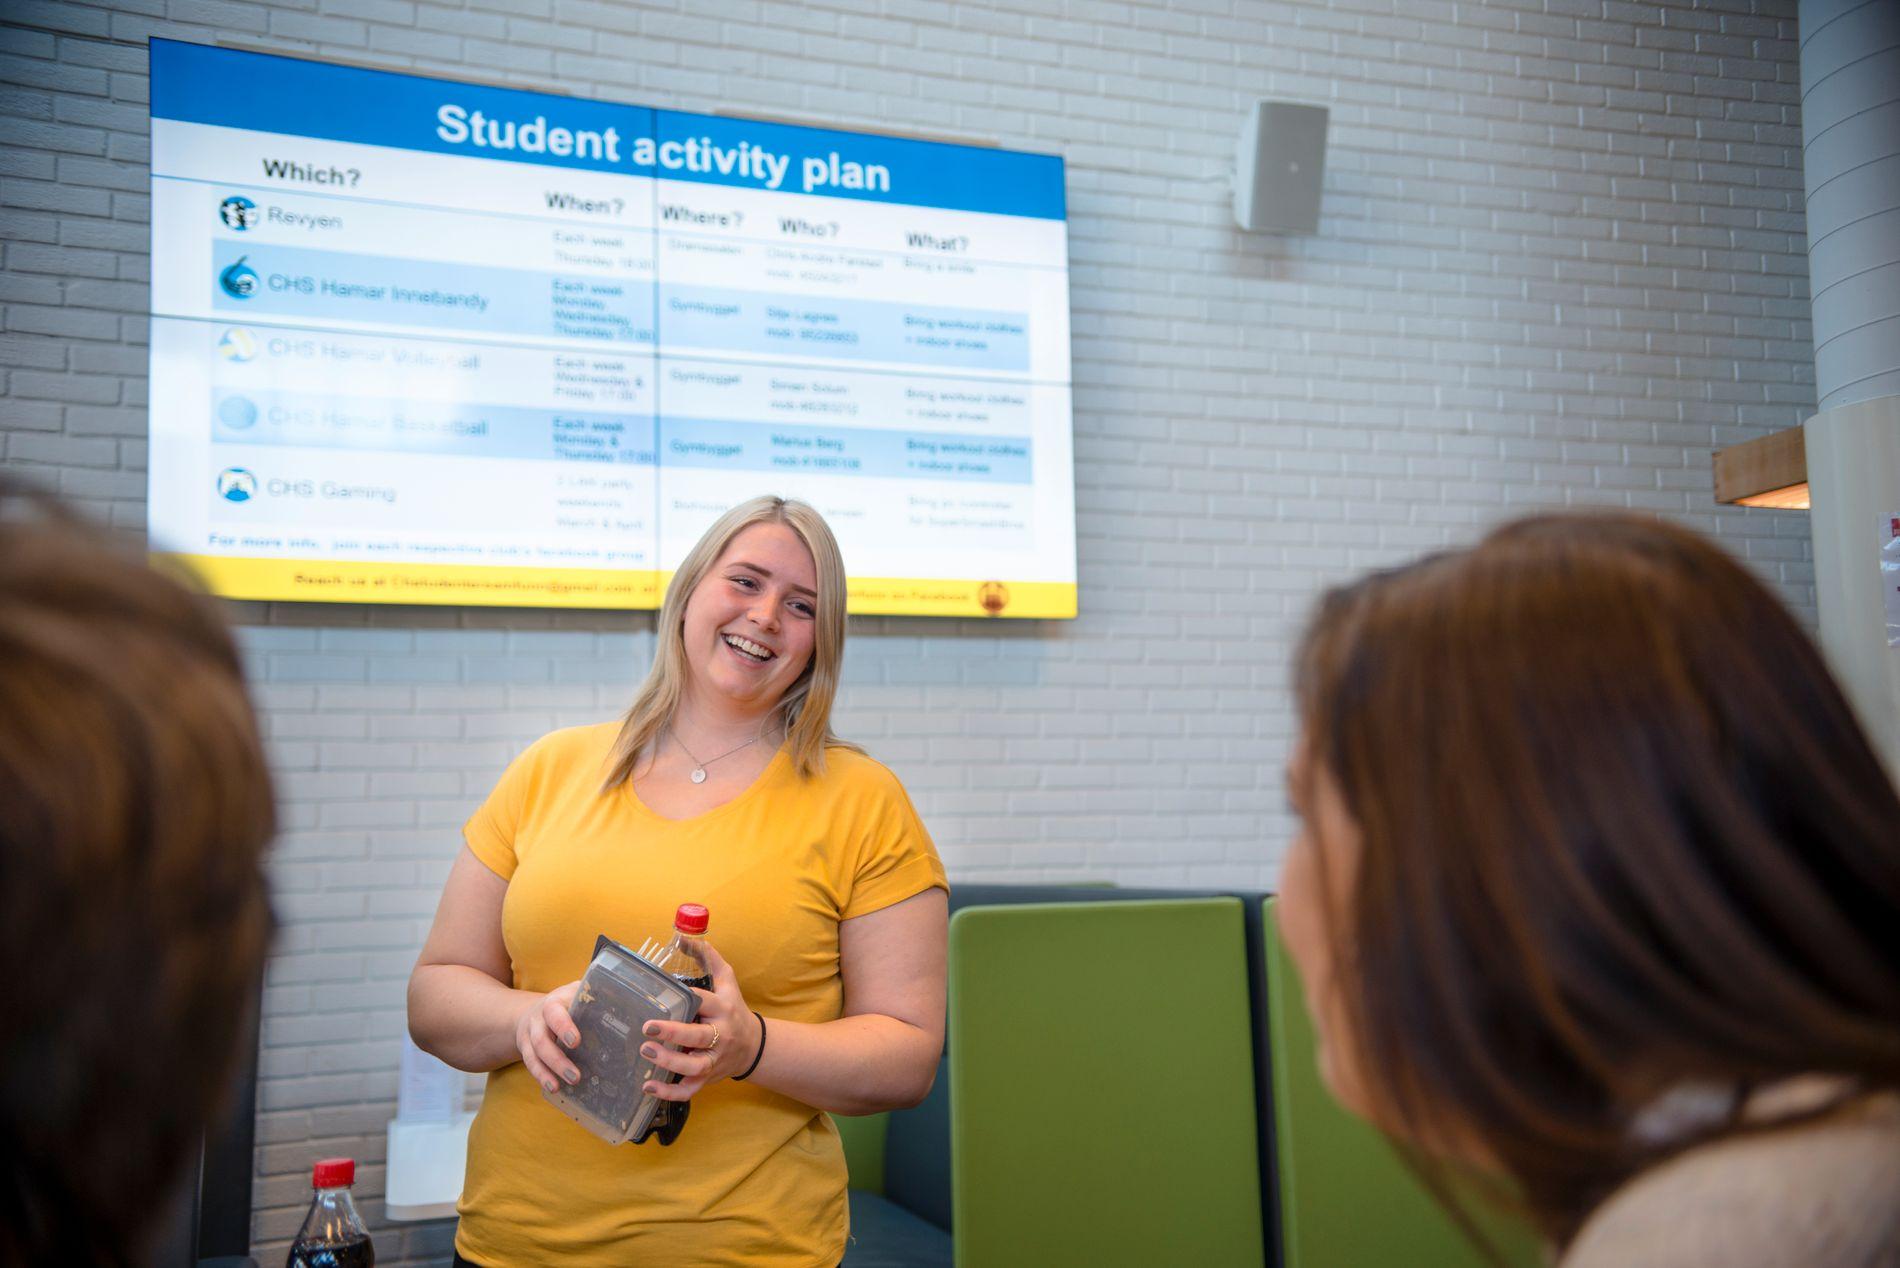 GODT VALG: Jobbmulighetene til grunnskolelærerstudent Ragnhild Snerle er veldig gode når hun er ferdig med utdanningen.